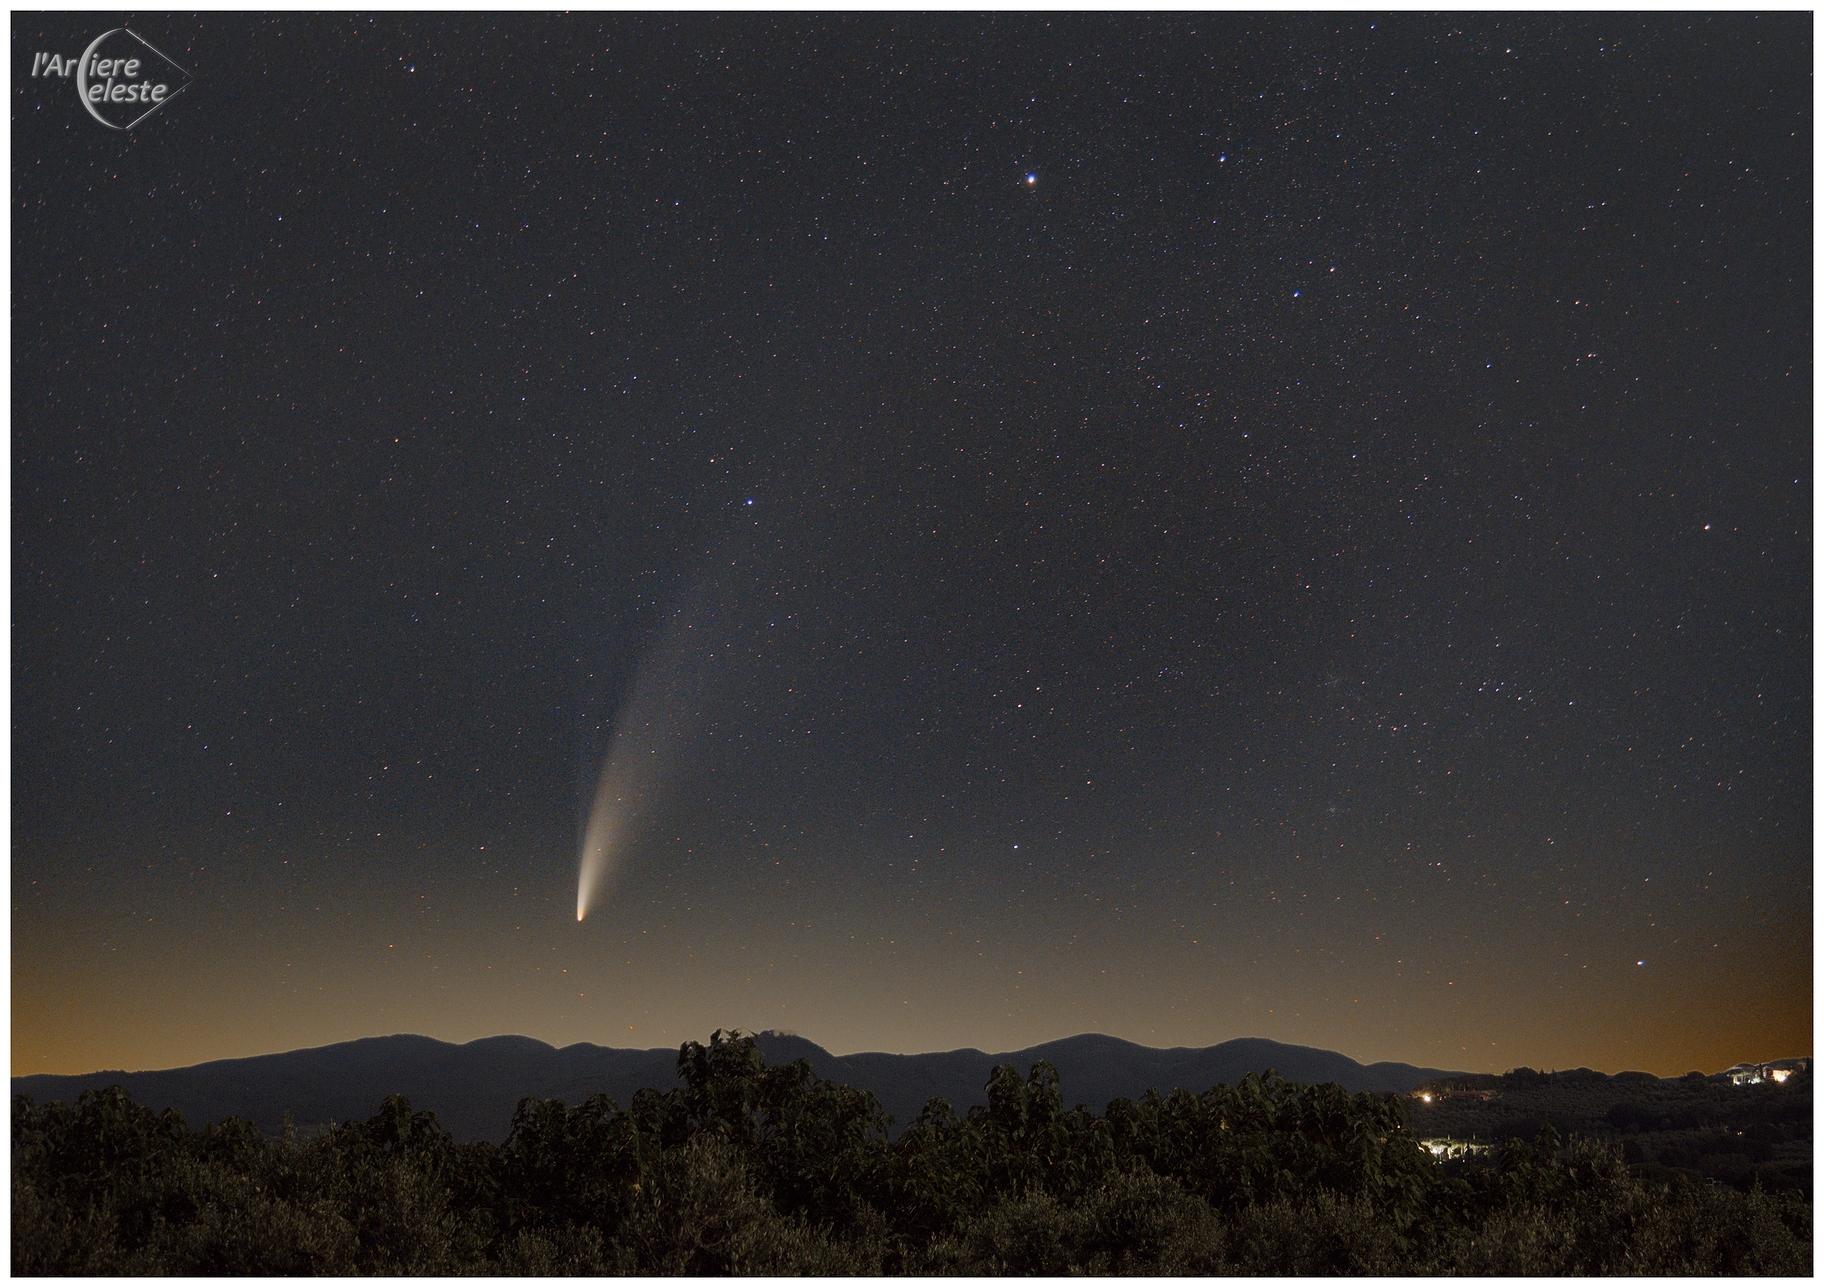 Comet P/2020 F3 NEOWISE From Castagneto Carducci,                                Edoardo Luca Radi...